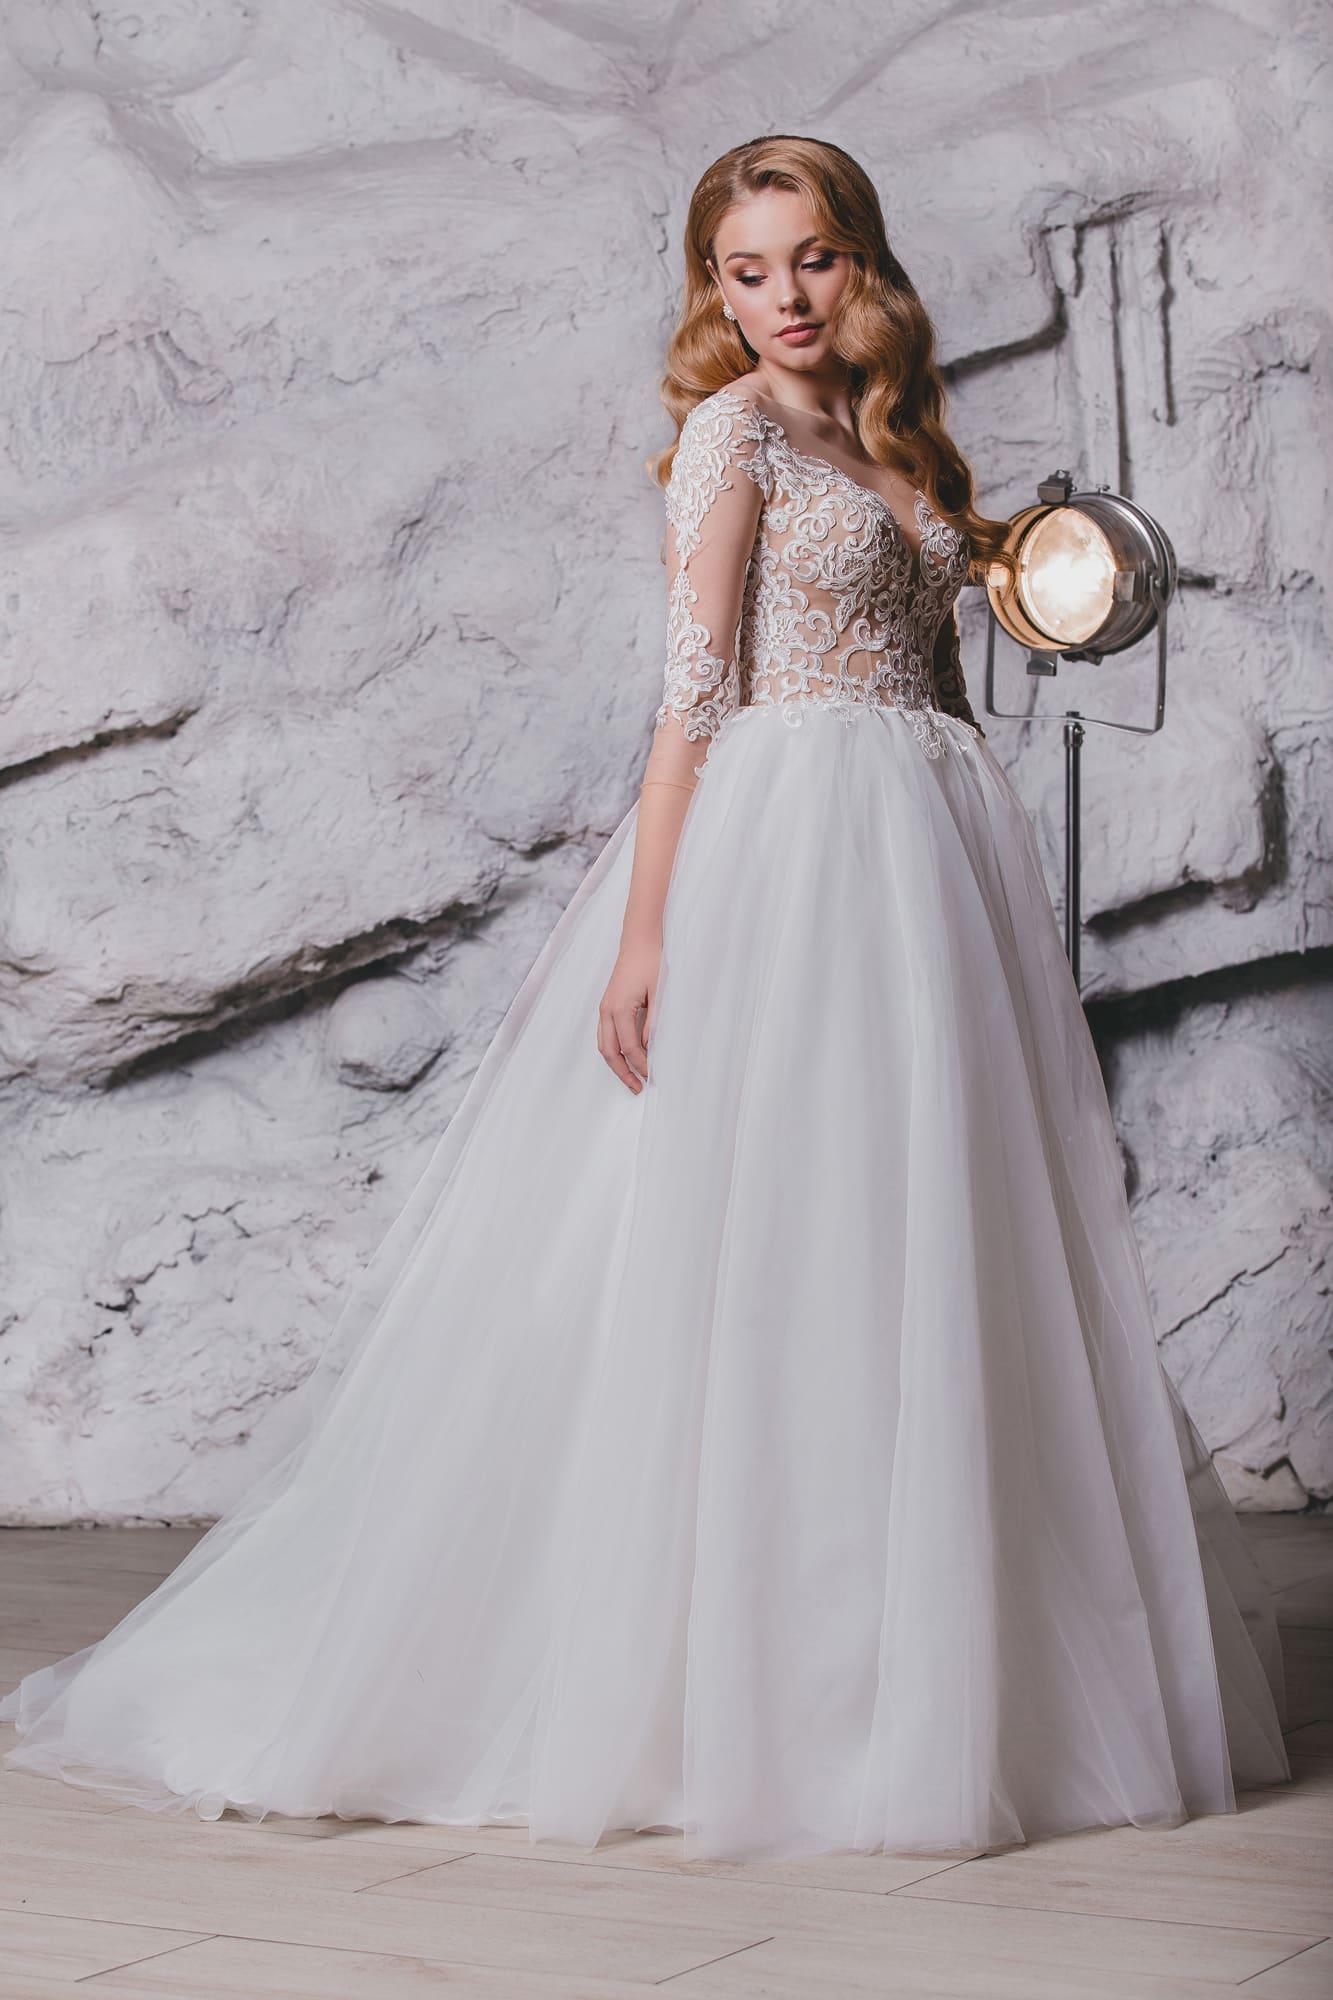 964190a8c51abce Свадебное платье Queen Janin ▷ Свадебный Торговый Центр Вега в Москве